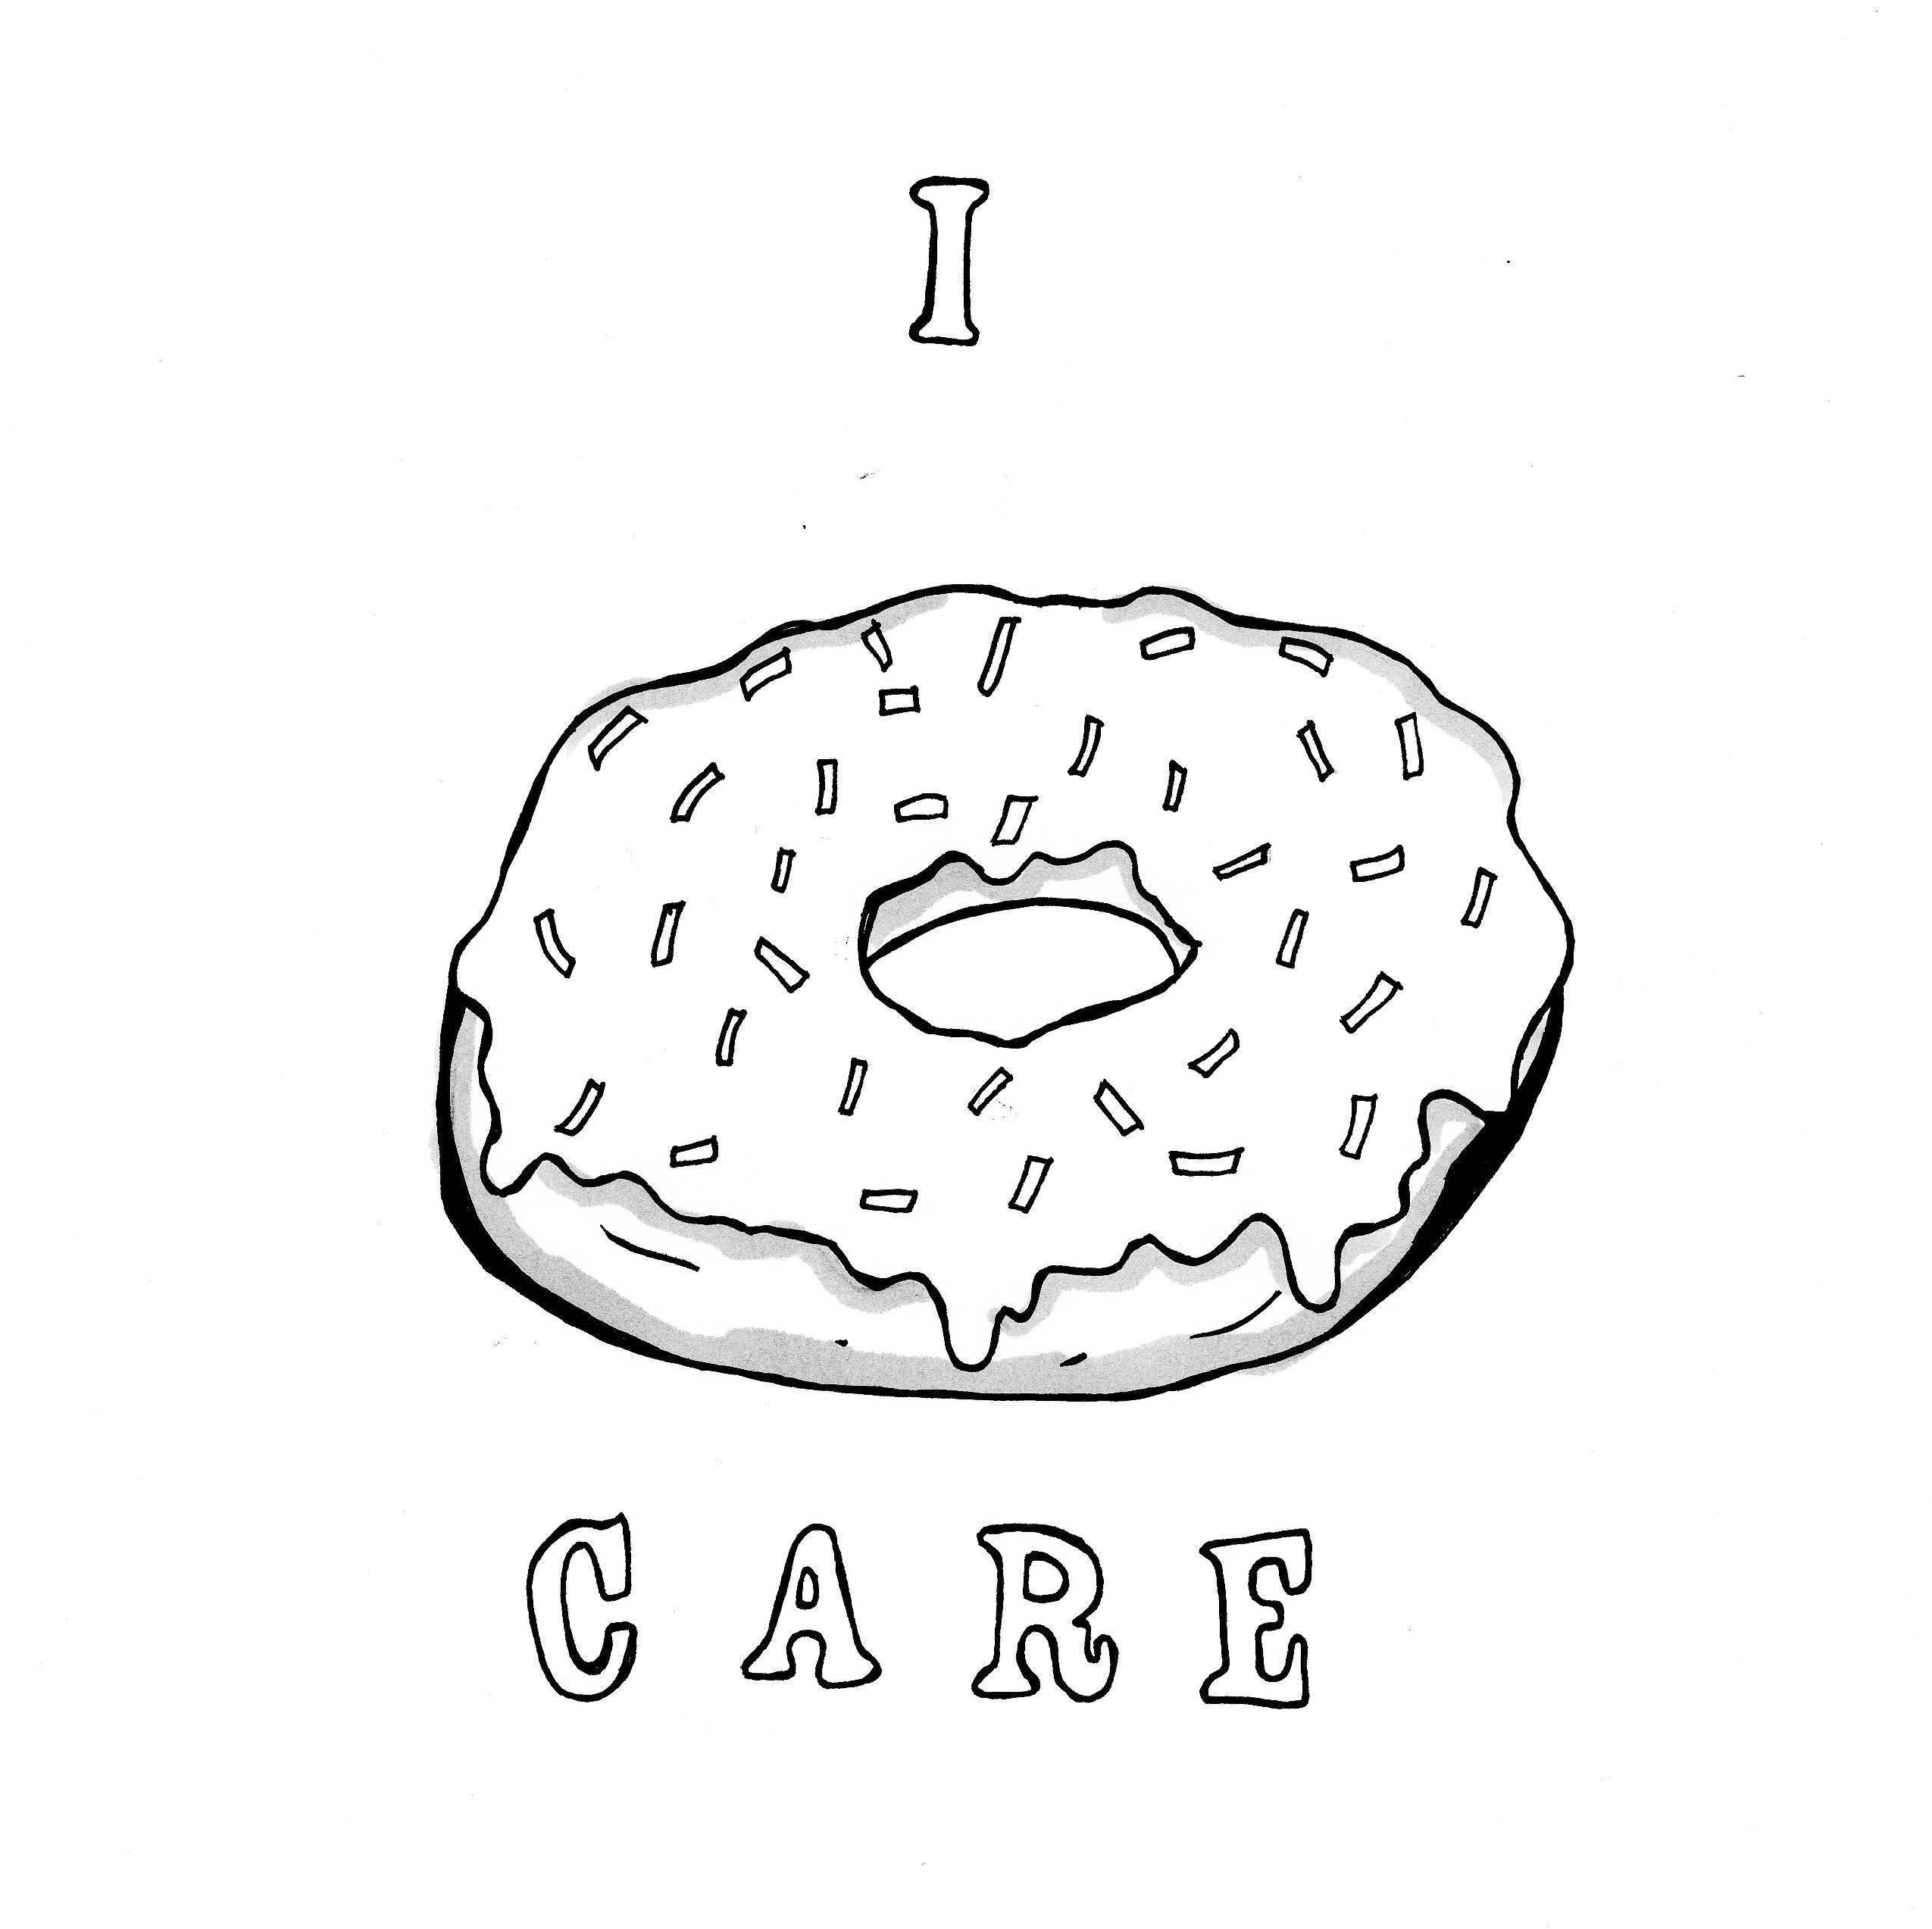 Yo Dona cuidado para colorear hoja Donut para colorear arte | Etsy